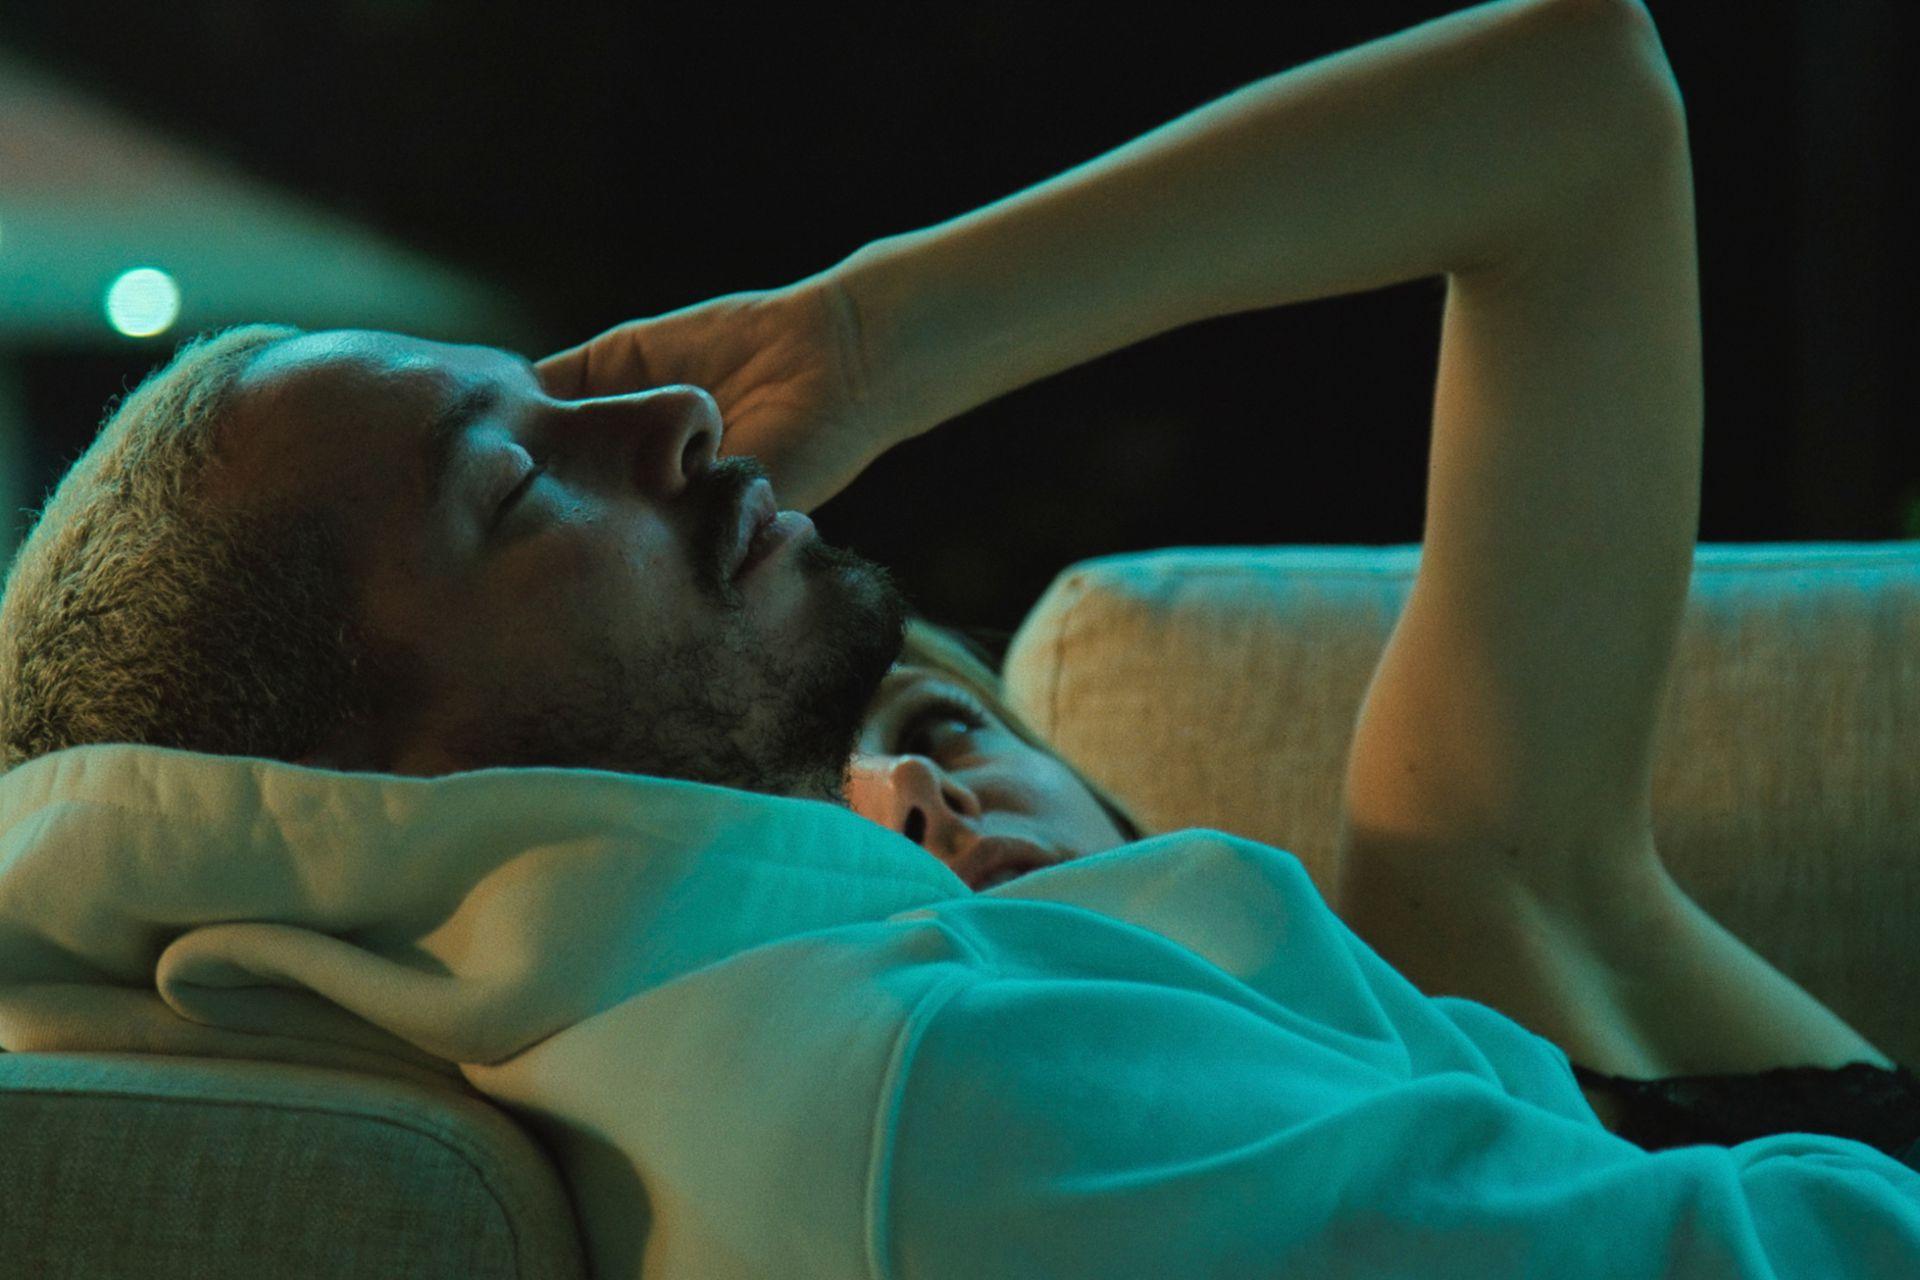 Balvin junto a su novia, la argentina Valentina Ferrer, durante uno de los momentos más íntimos del documental